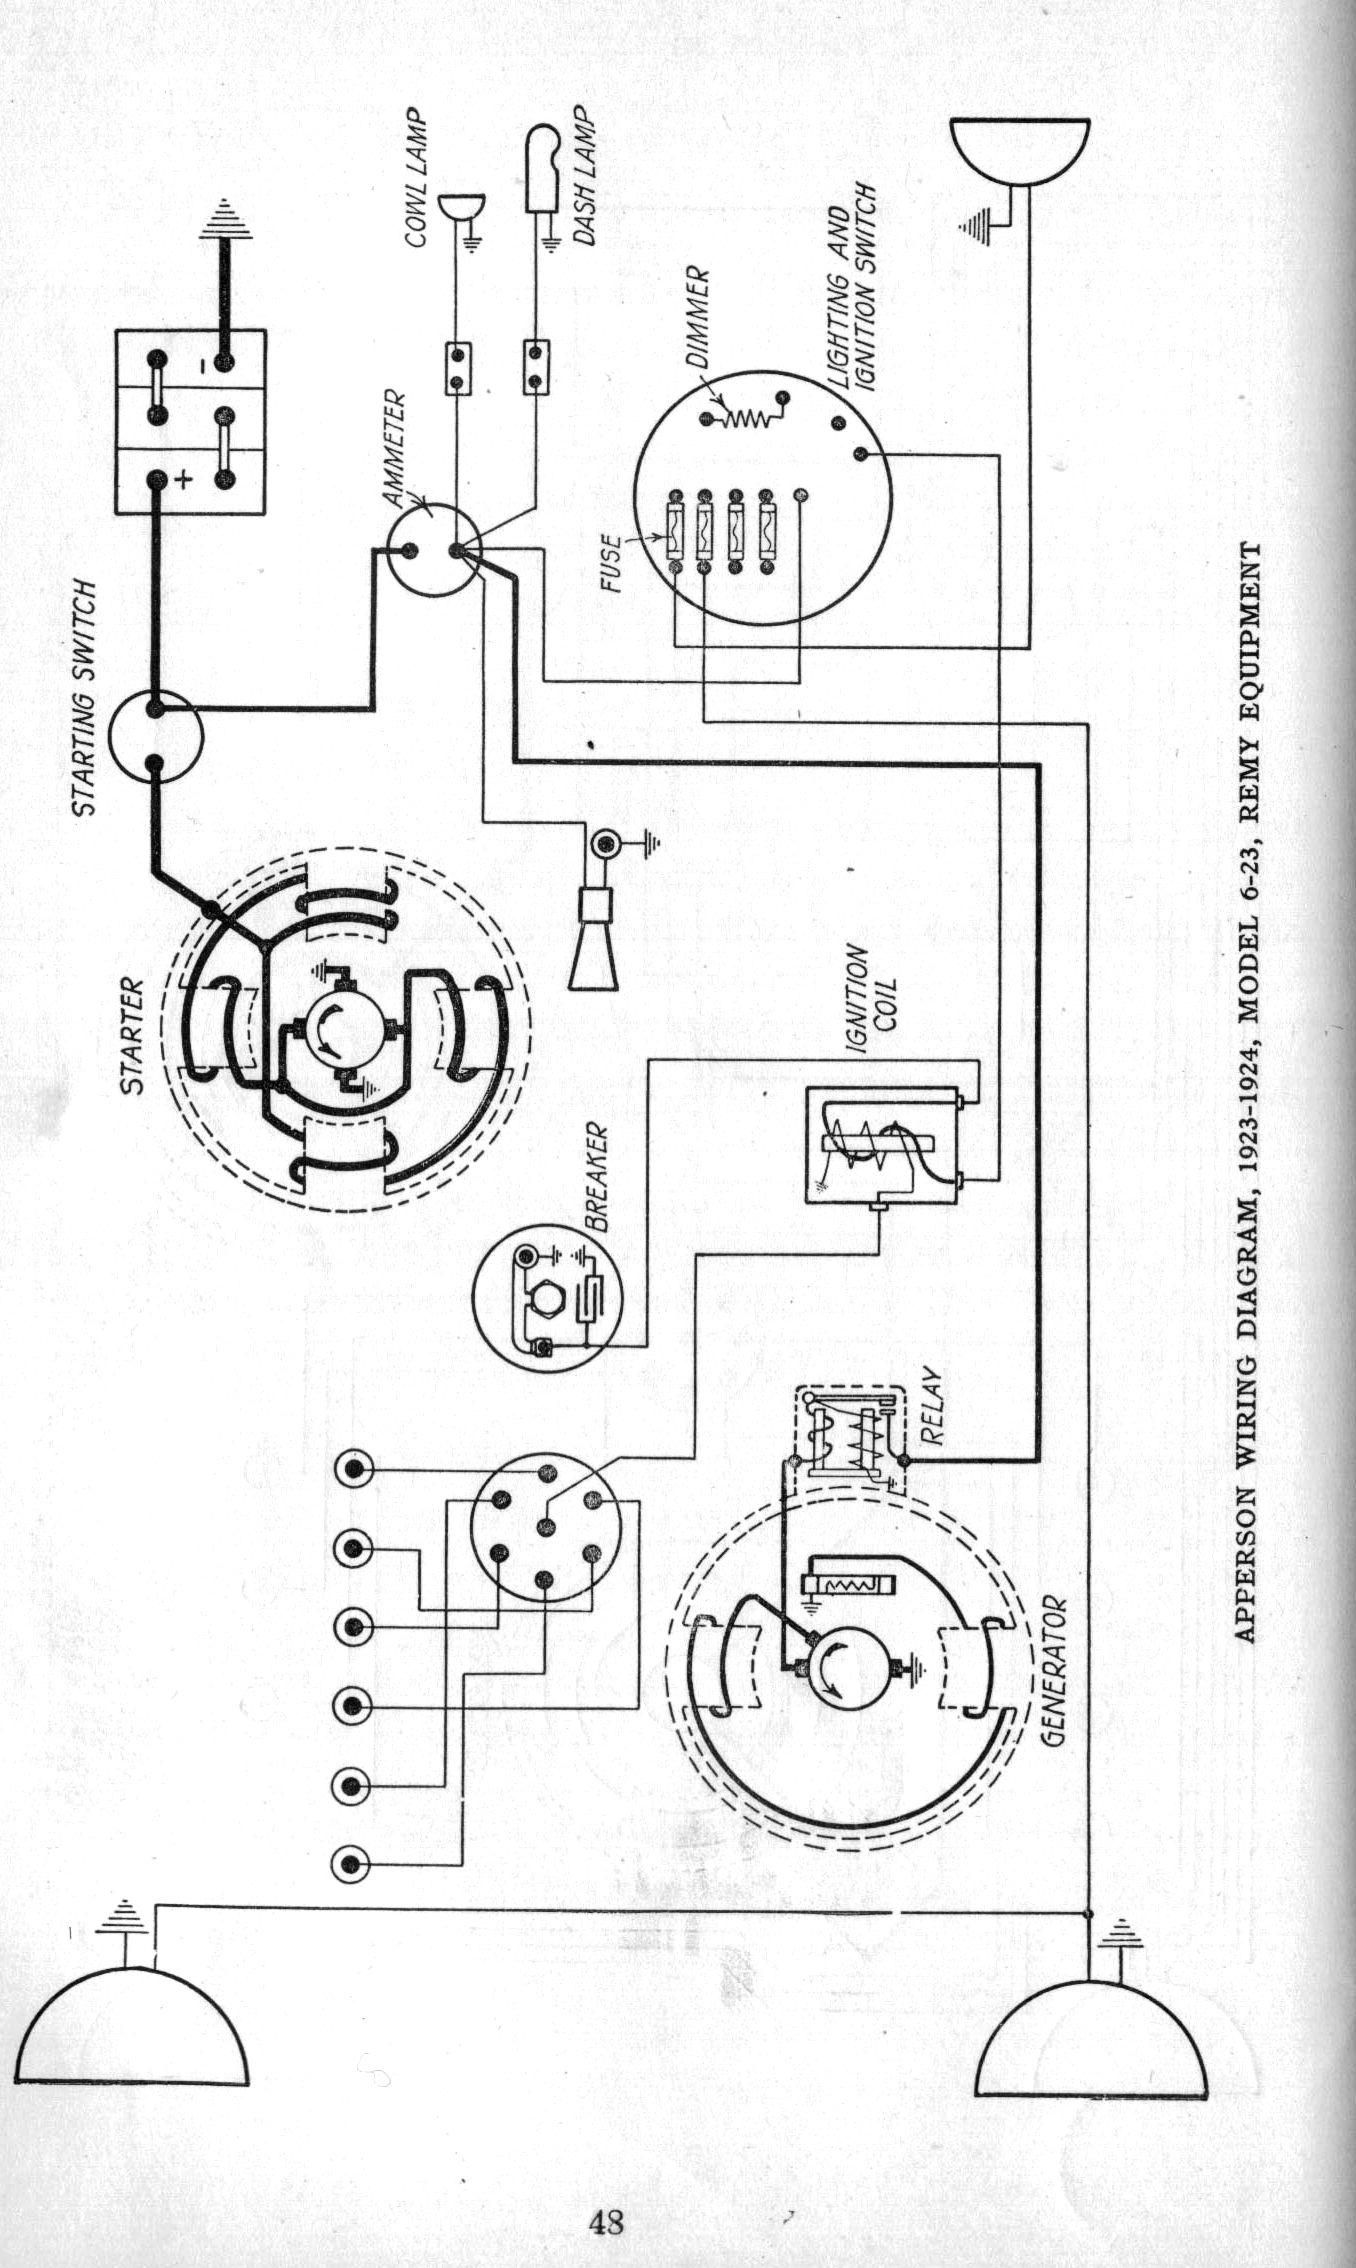 gf_7884] buick wiring diagram of 1923 1924 model 4 delco equipment ...  ophen minaga awni sheox cran nnigh weveq ophen coun ginou eachi ...